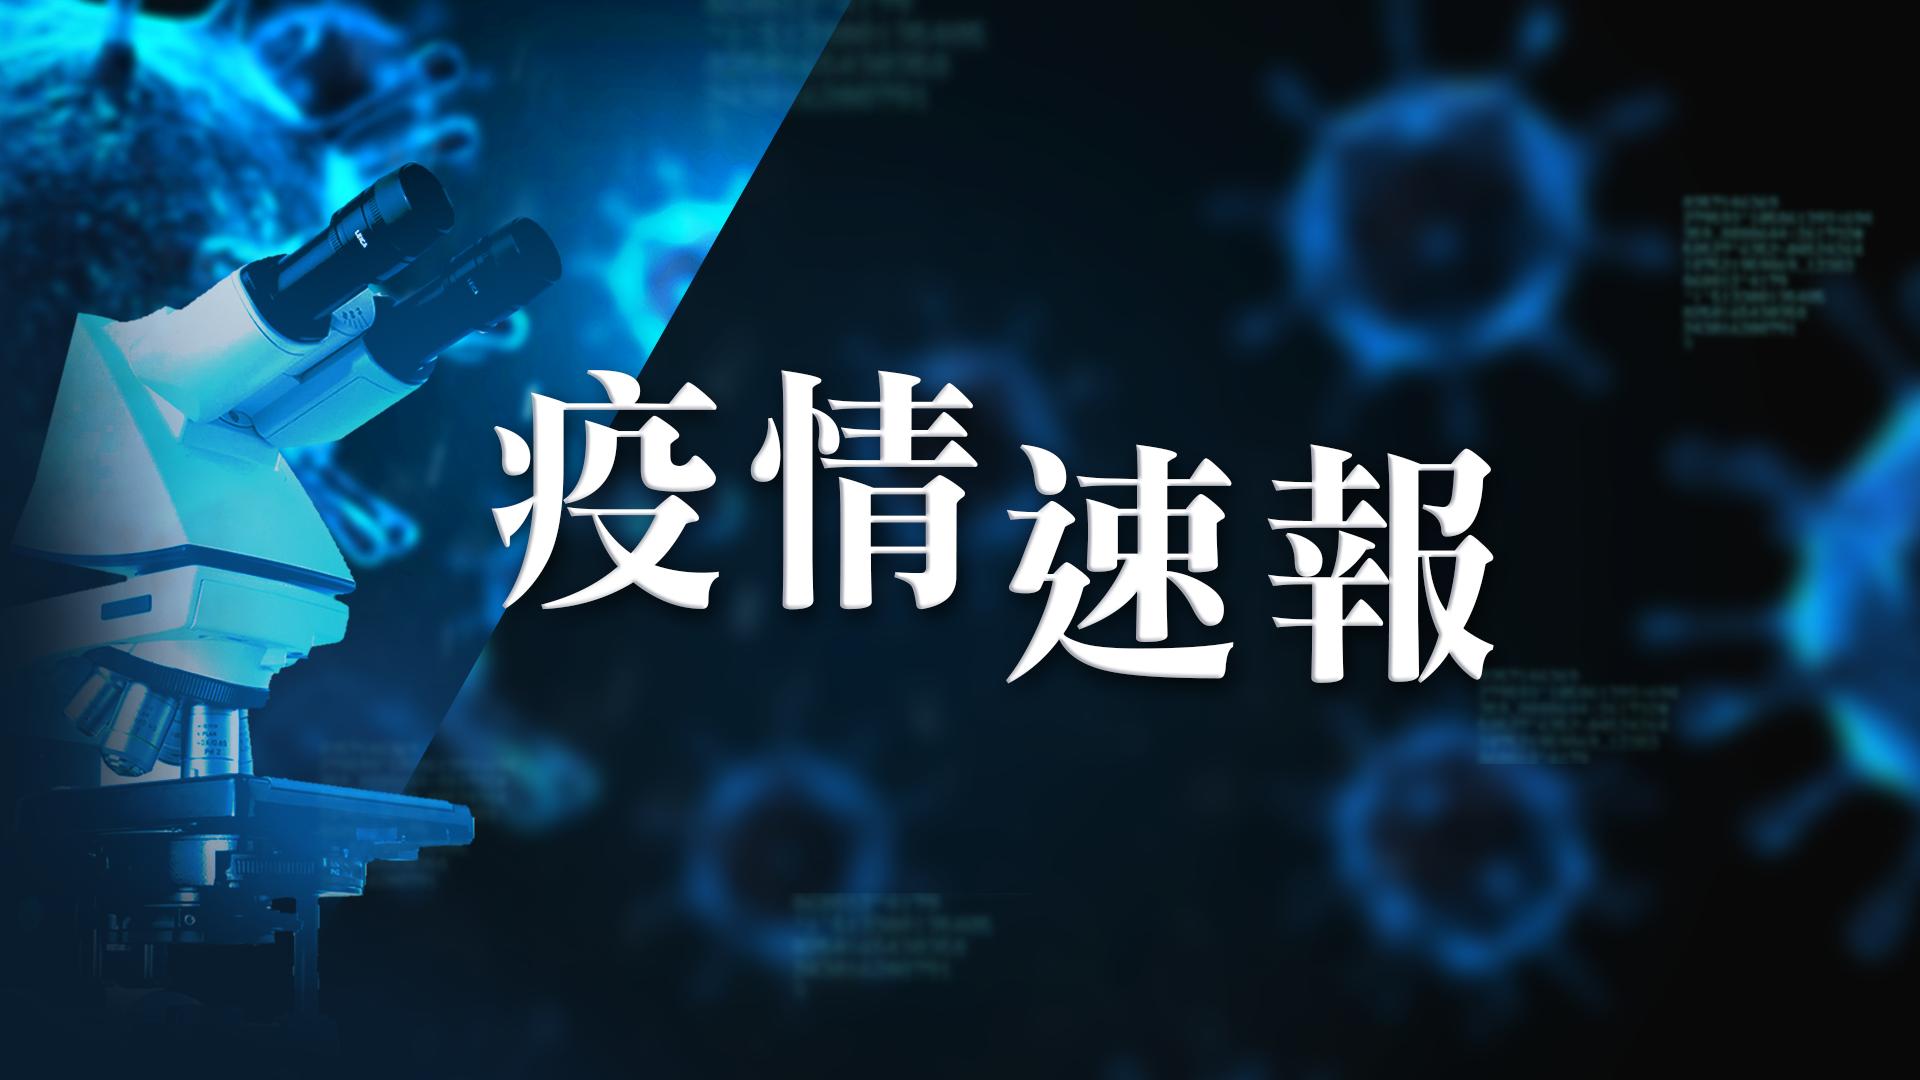 【5月27日疫情速報】(22:00)